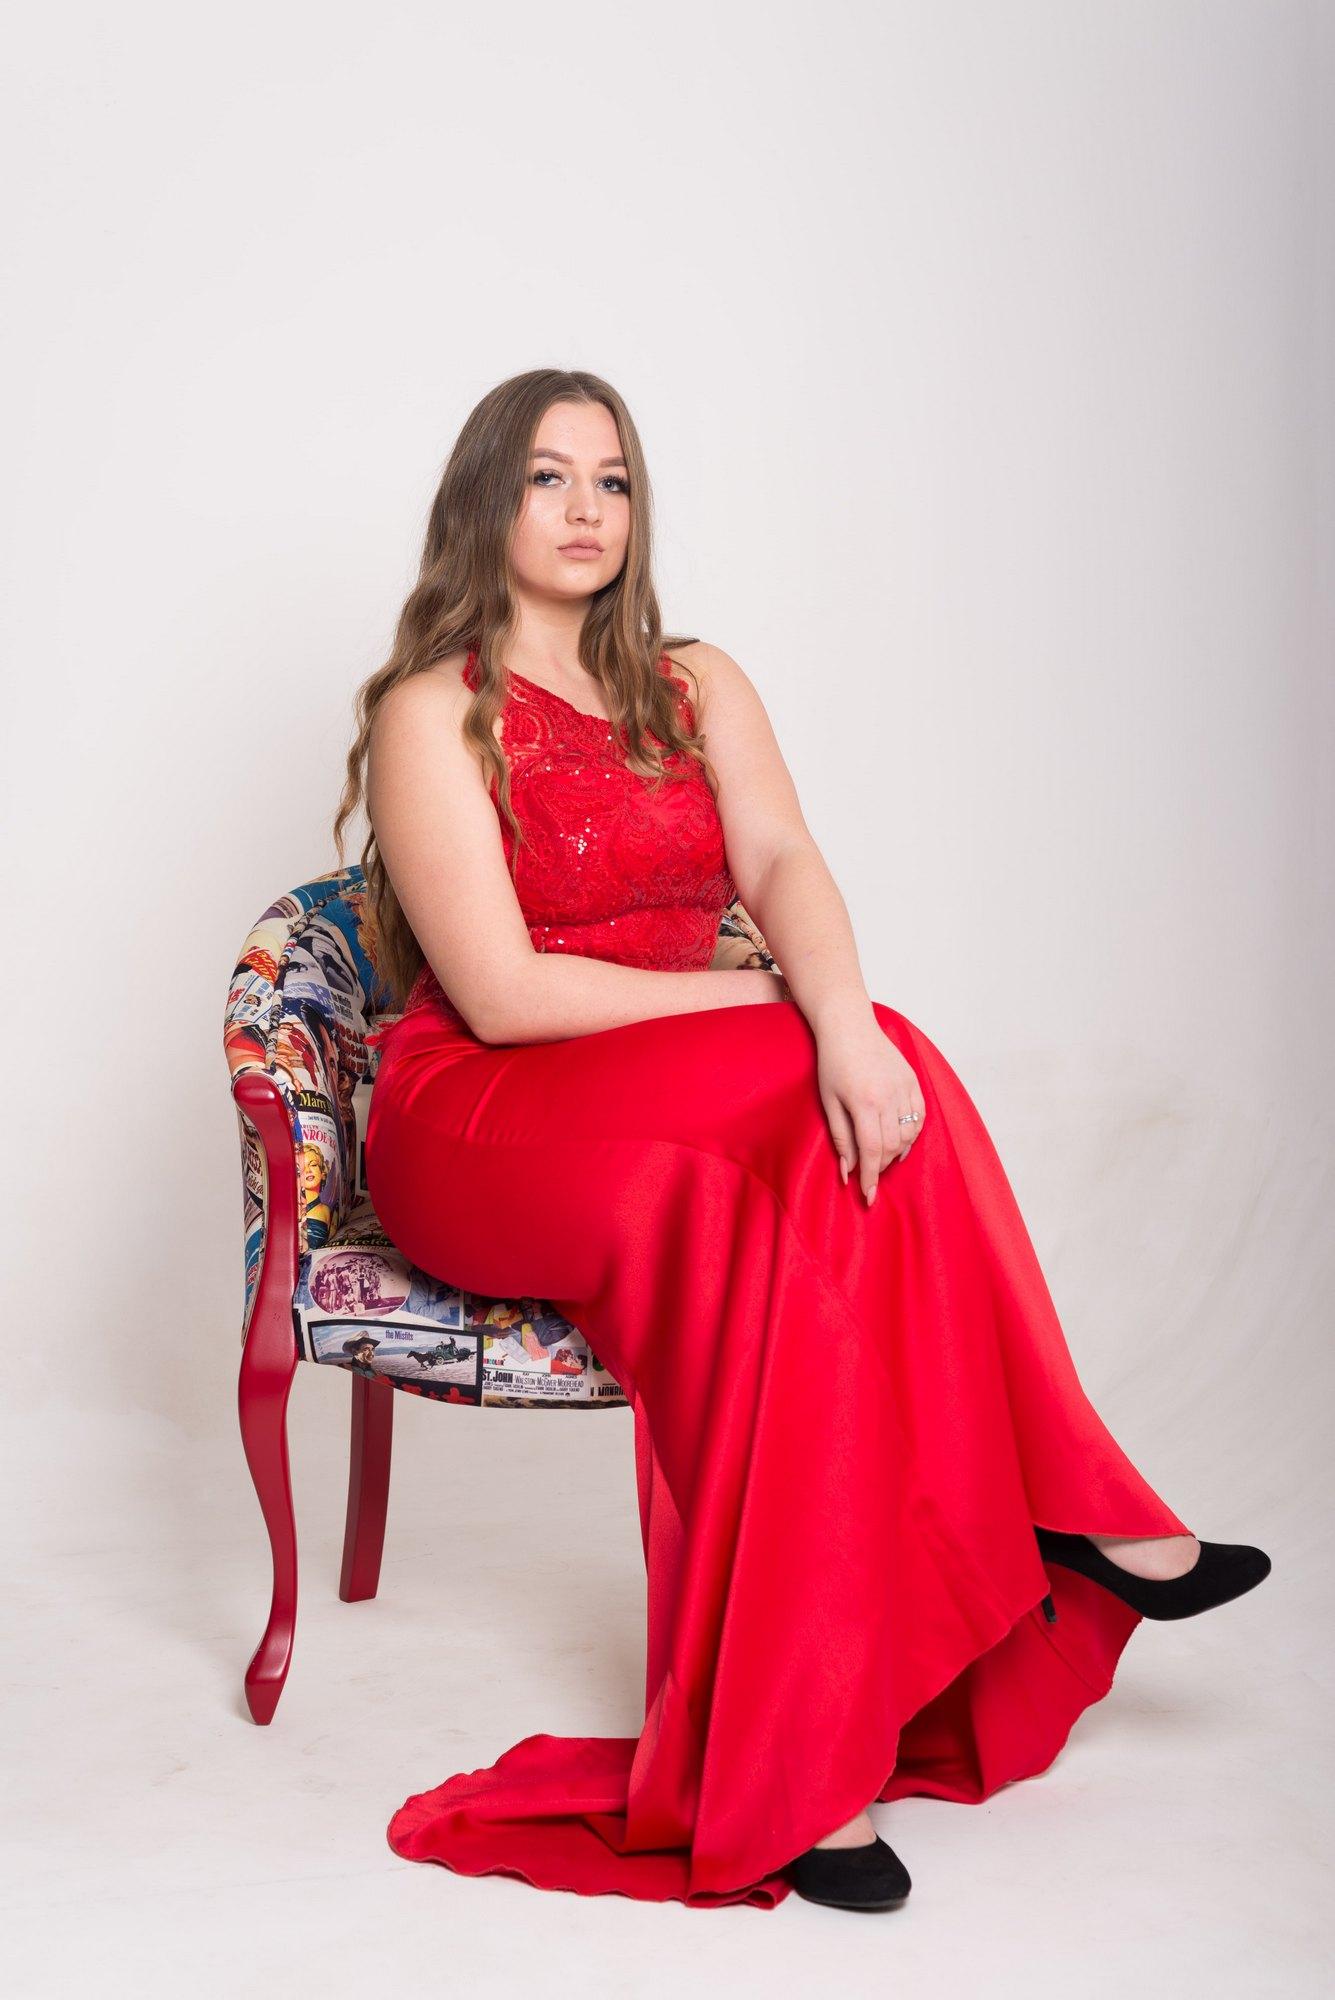 Новогодняя фотосессия в студии Amore - красное платье